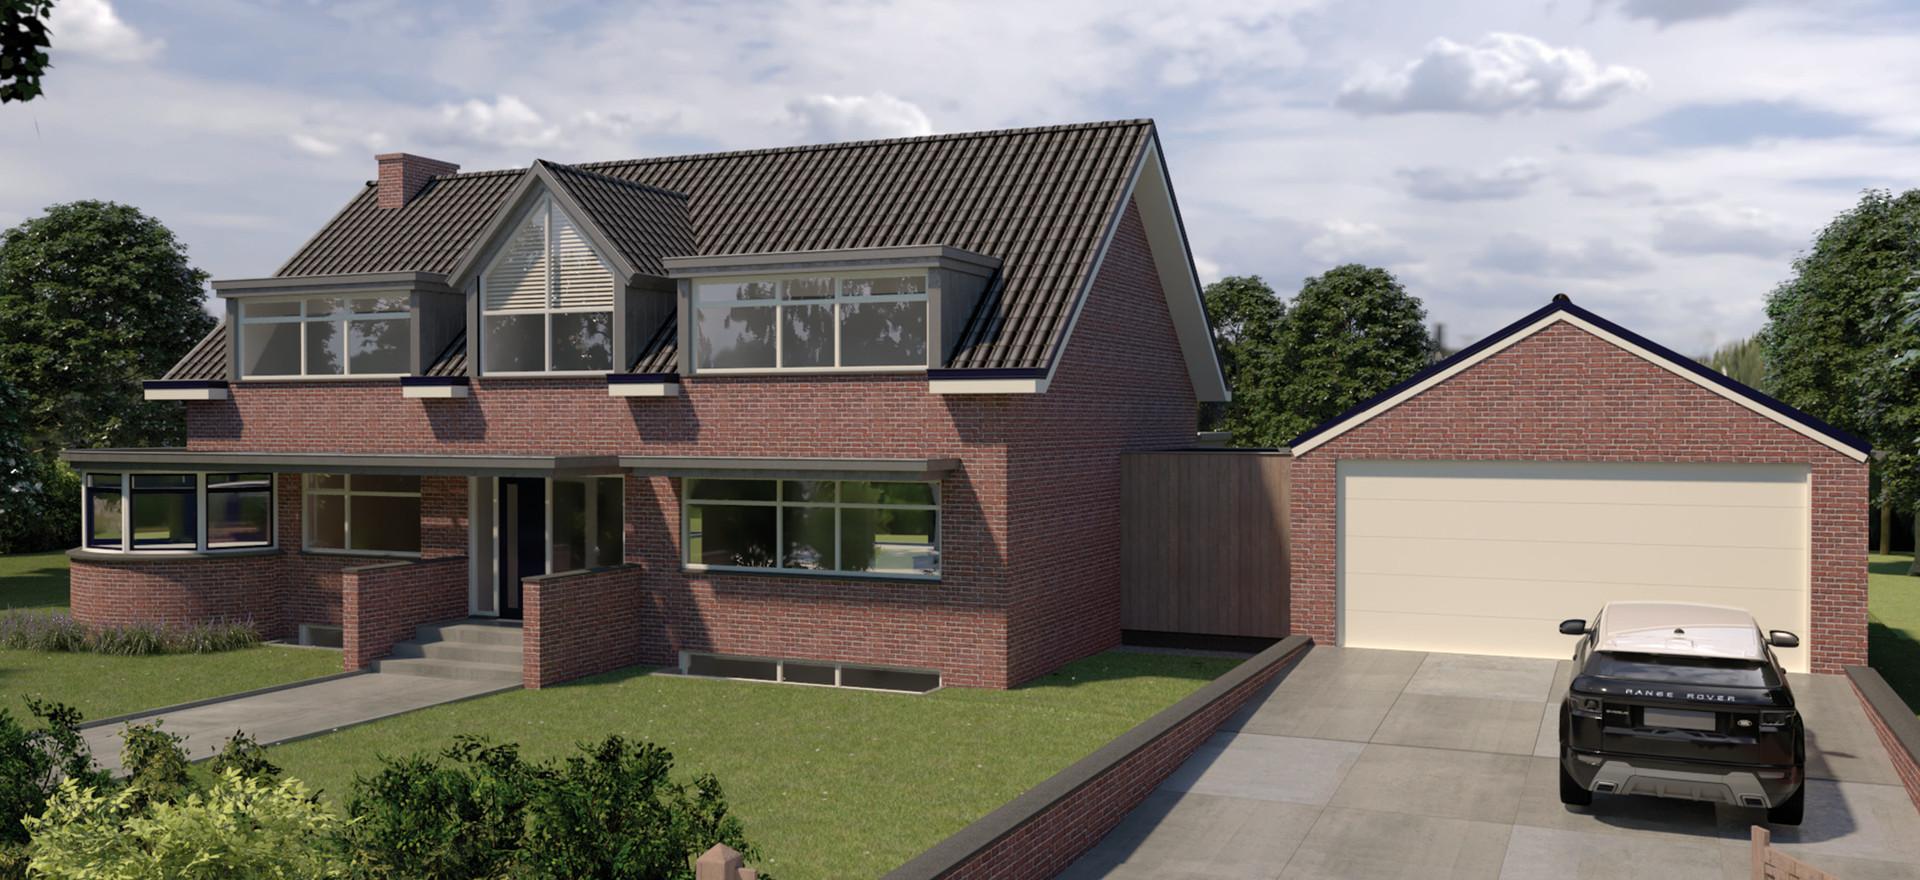 3D visualisatie nieuwbouw villa